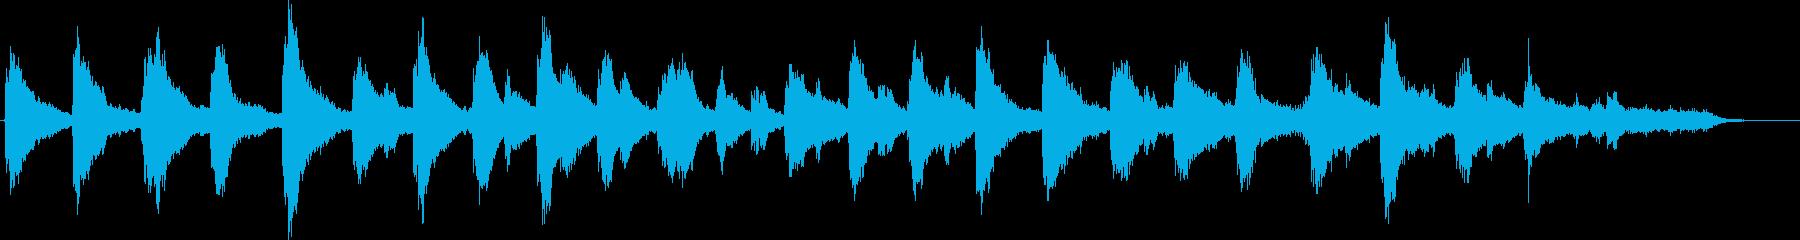 心を落ち着かせるピアノアンビエントの再生済みの波形